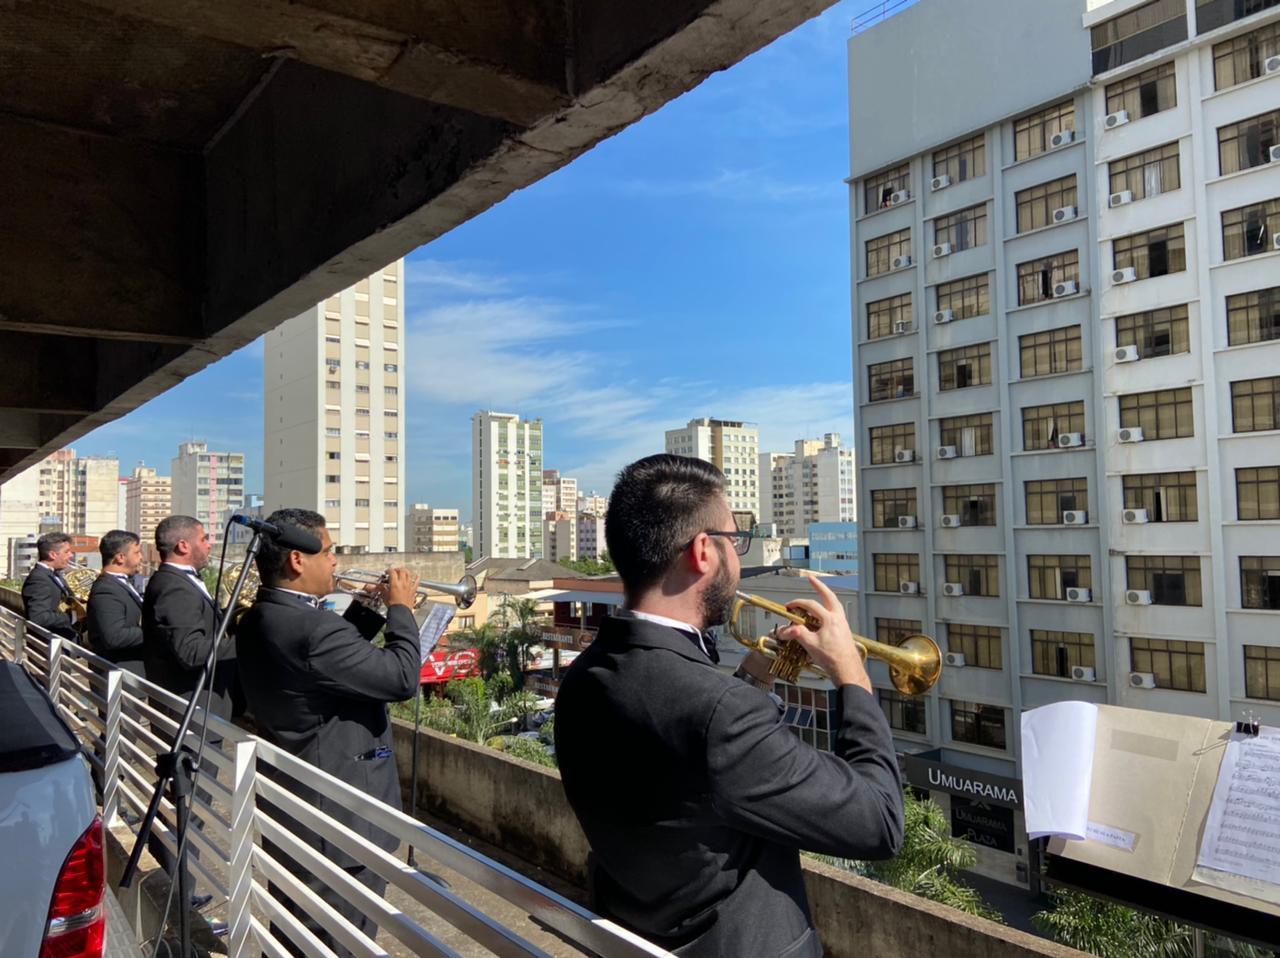 Orquestra Sinfônica de Goiânia, que se apresentava no 1º andar do Edifício Parthenon Center, na rua Rua 4